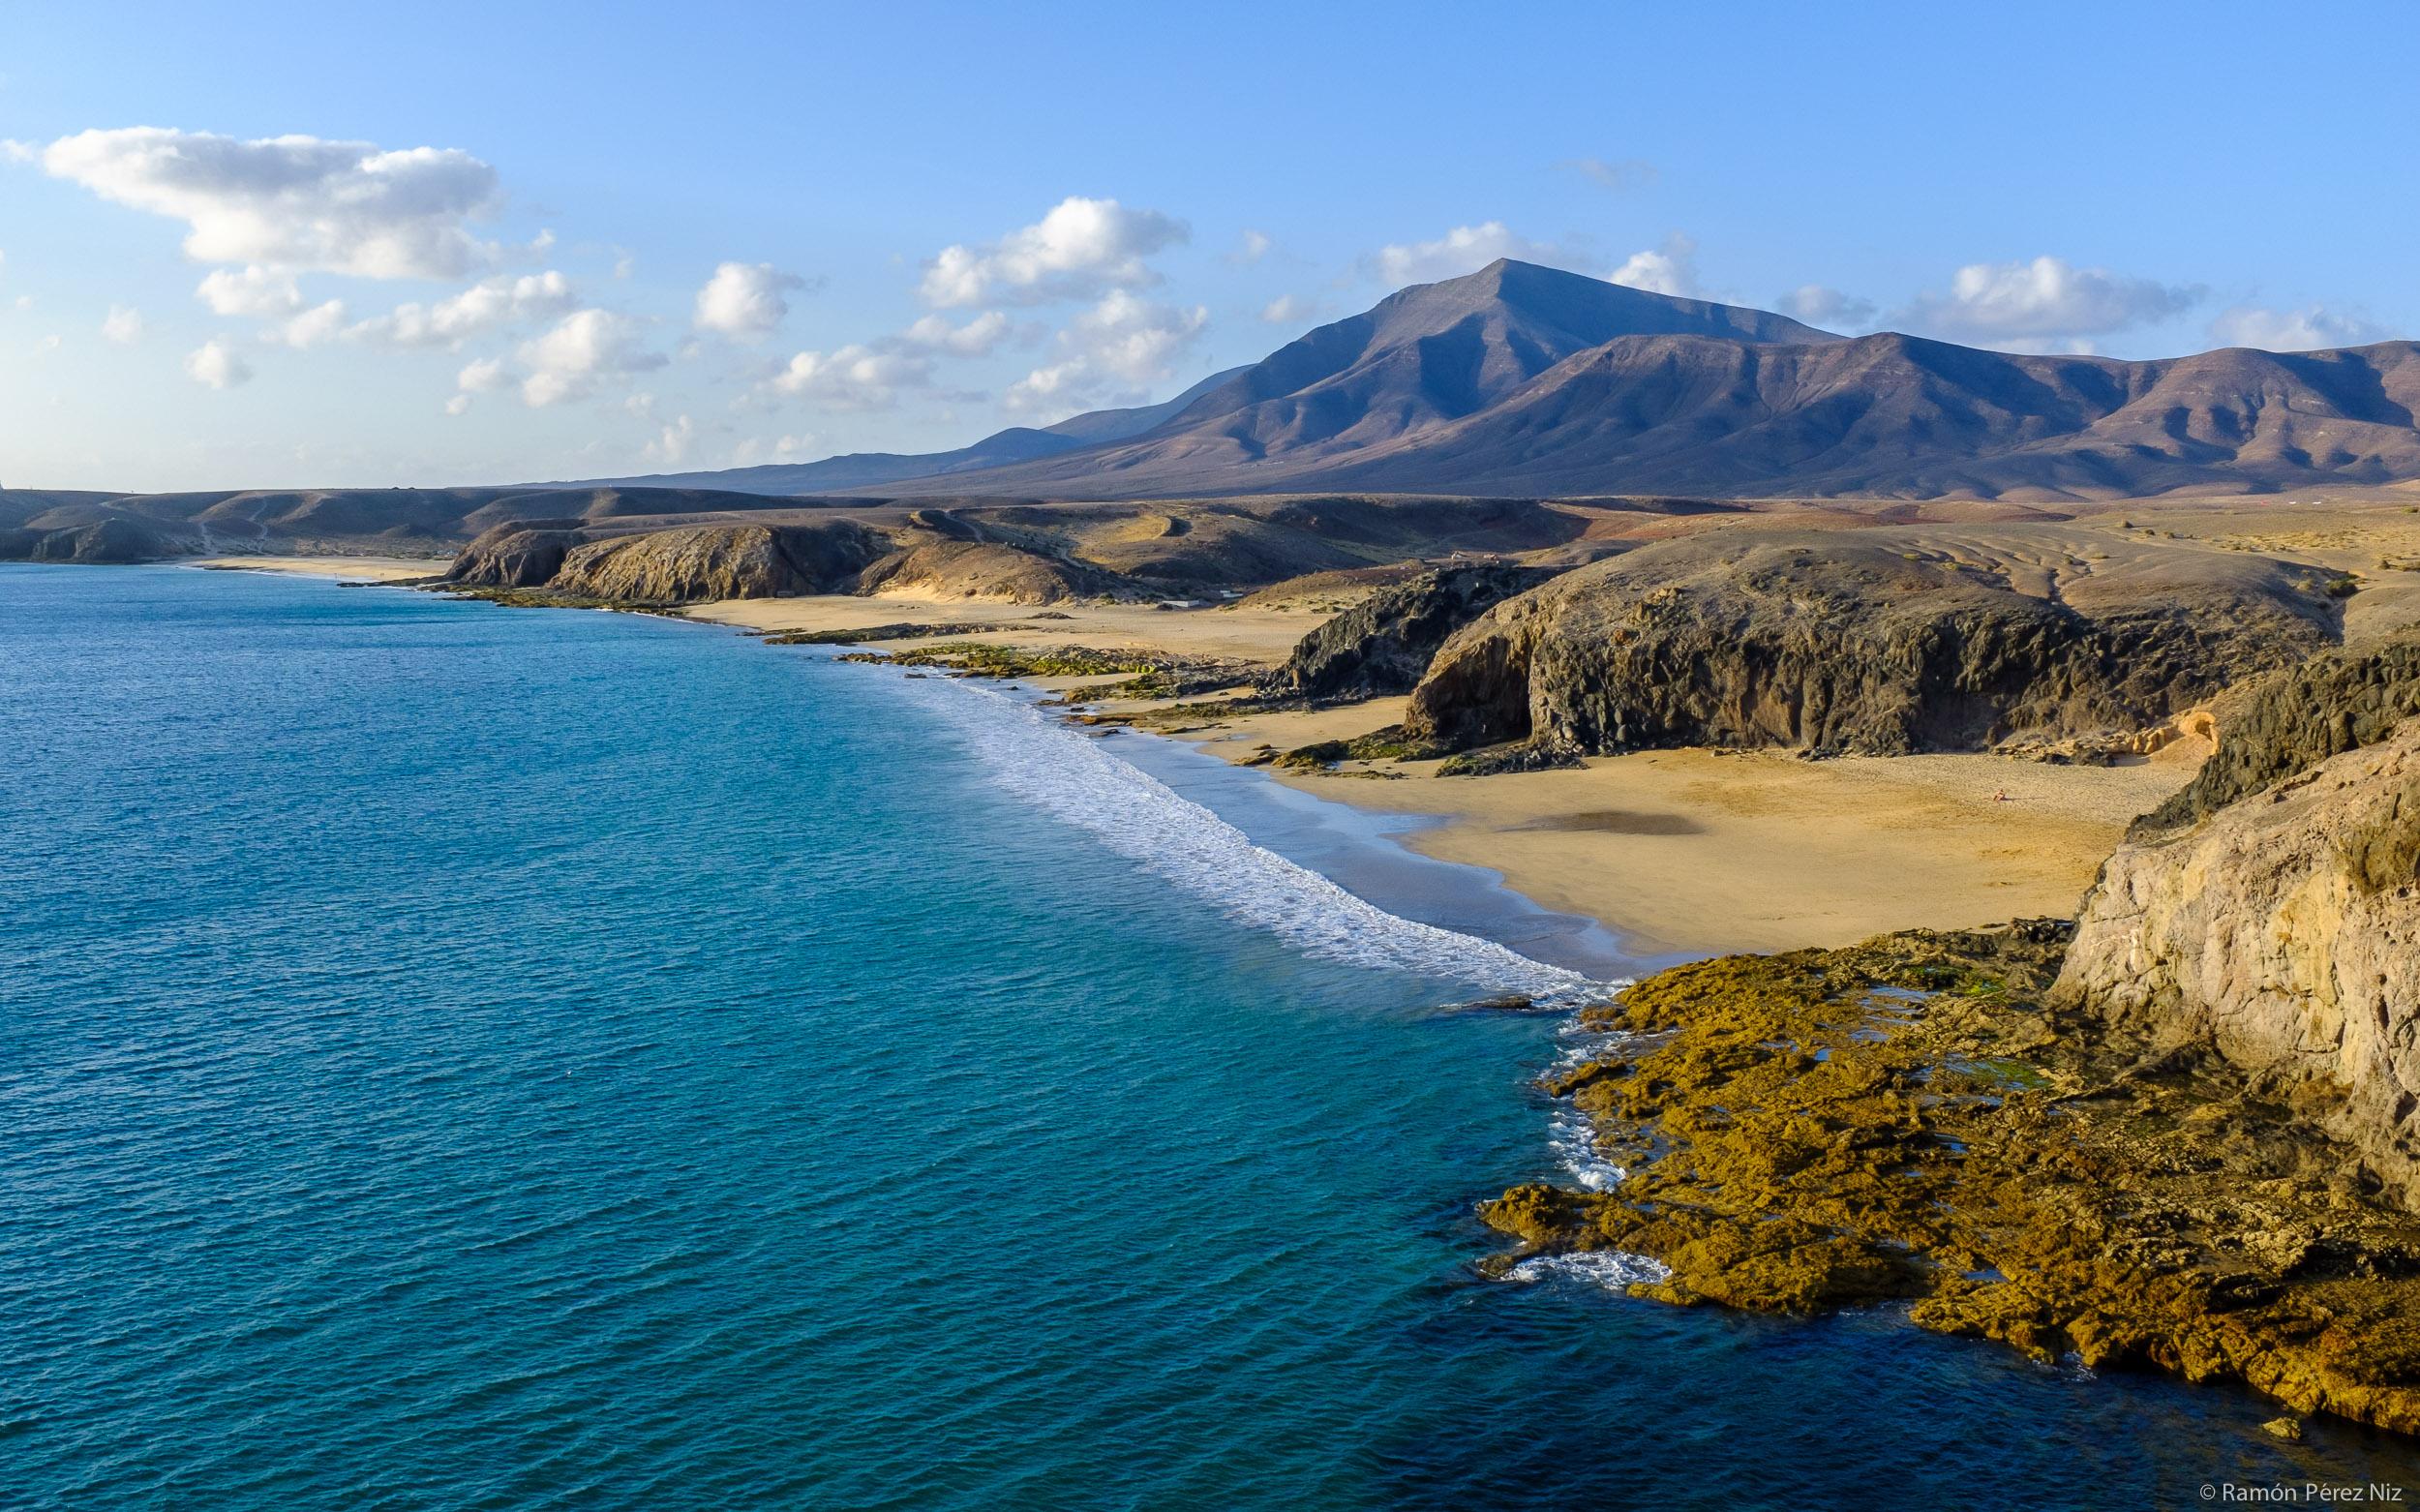 Playas de Papagayo en Fotografía por Ramón Pérez Niz